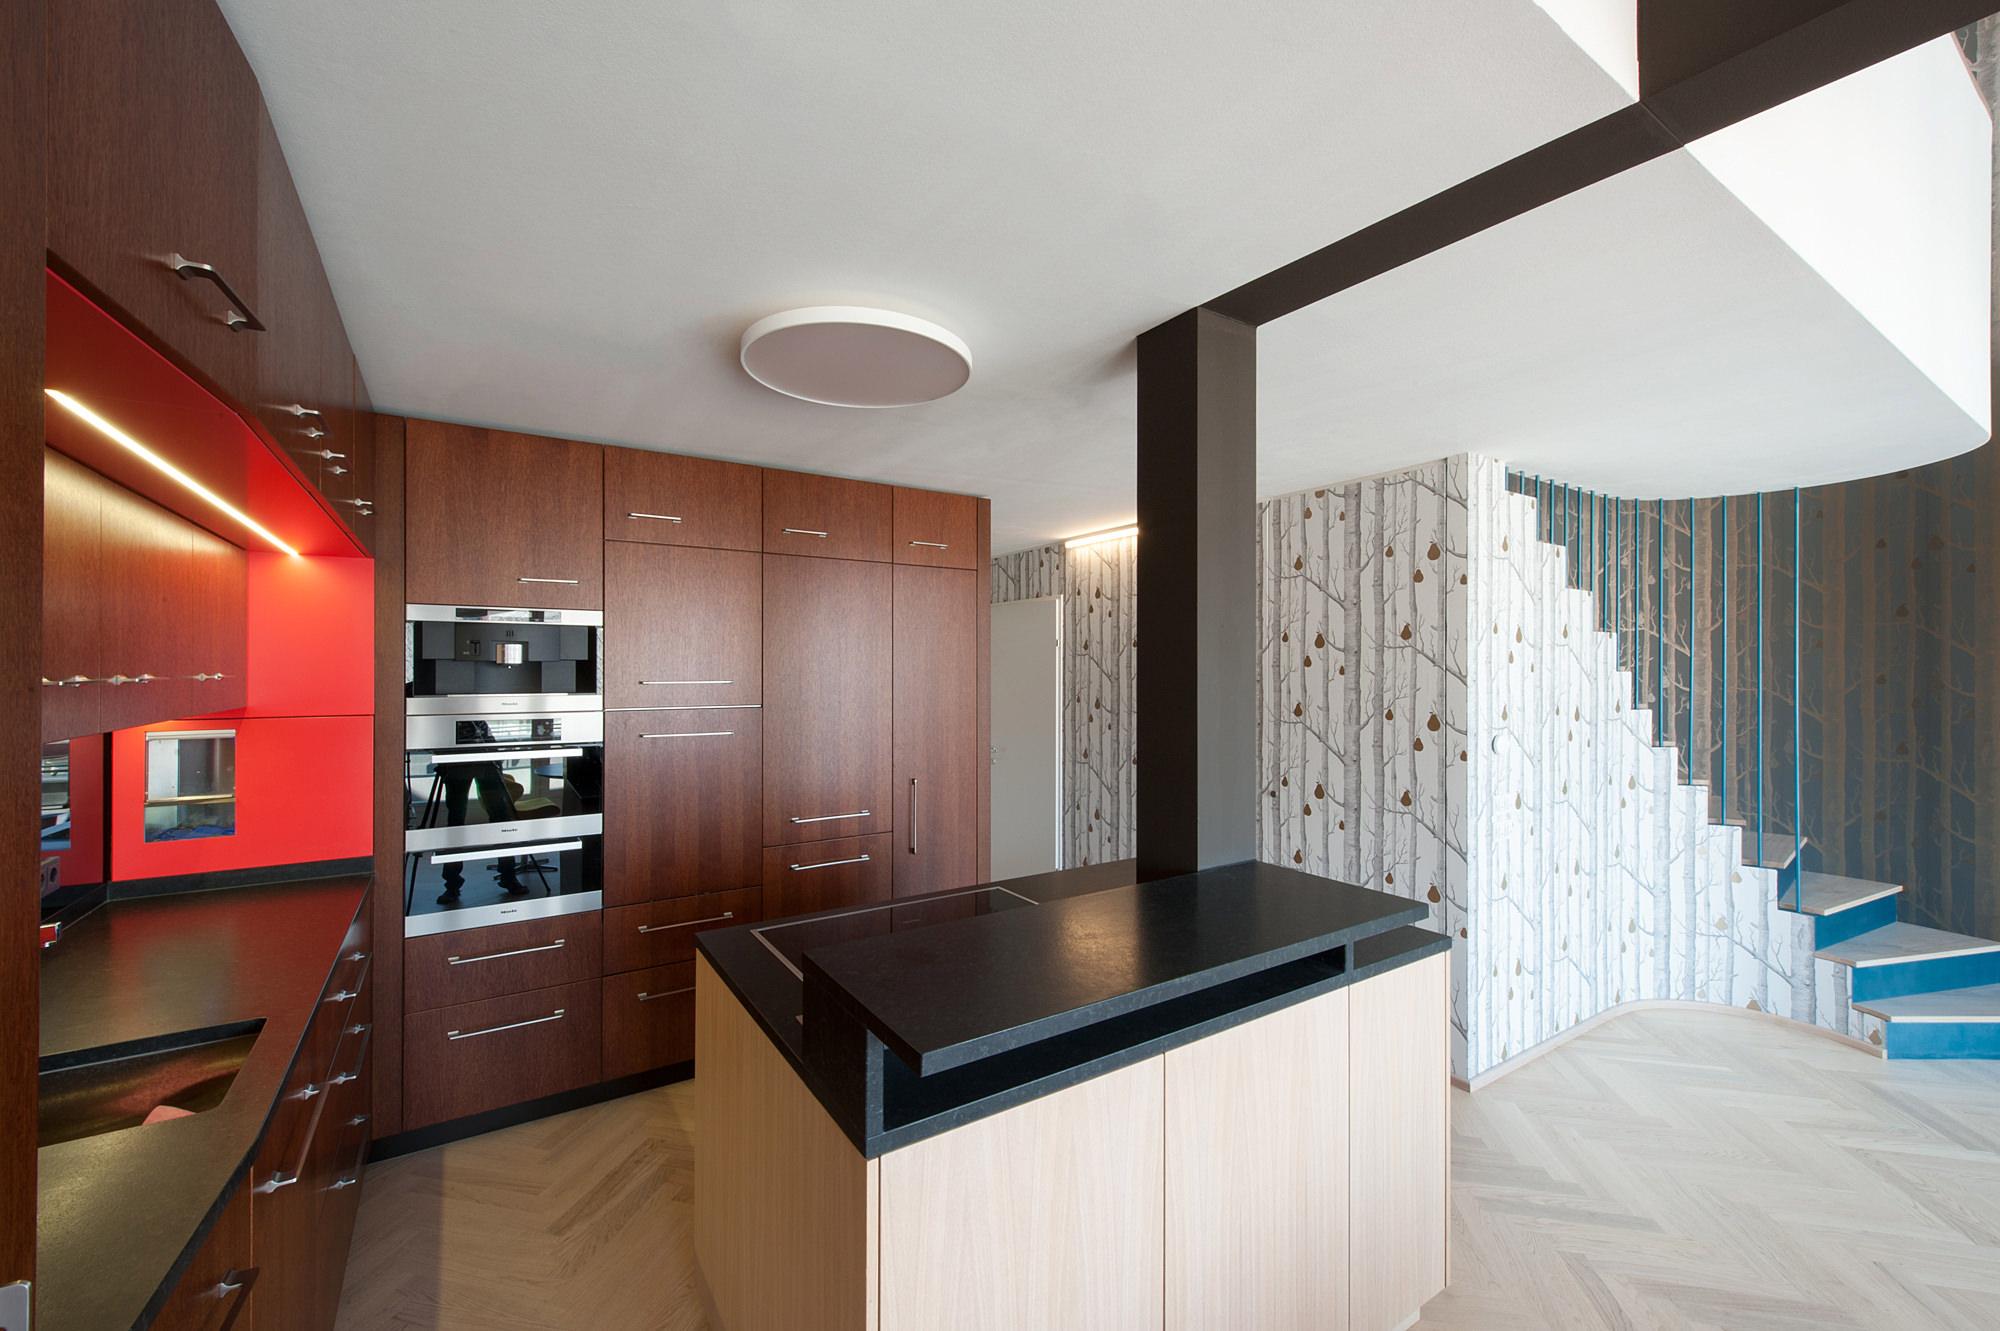 penthouse_W_03_umbau_dachausbau_1040_wien_junger_beer_architektur